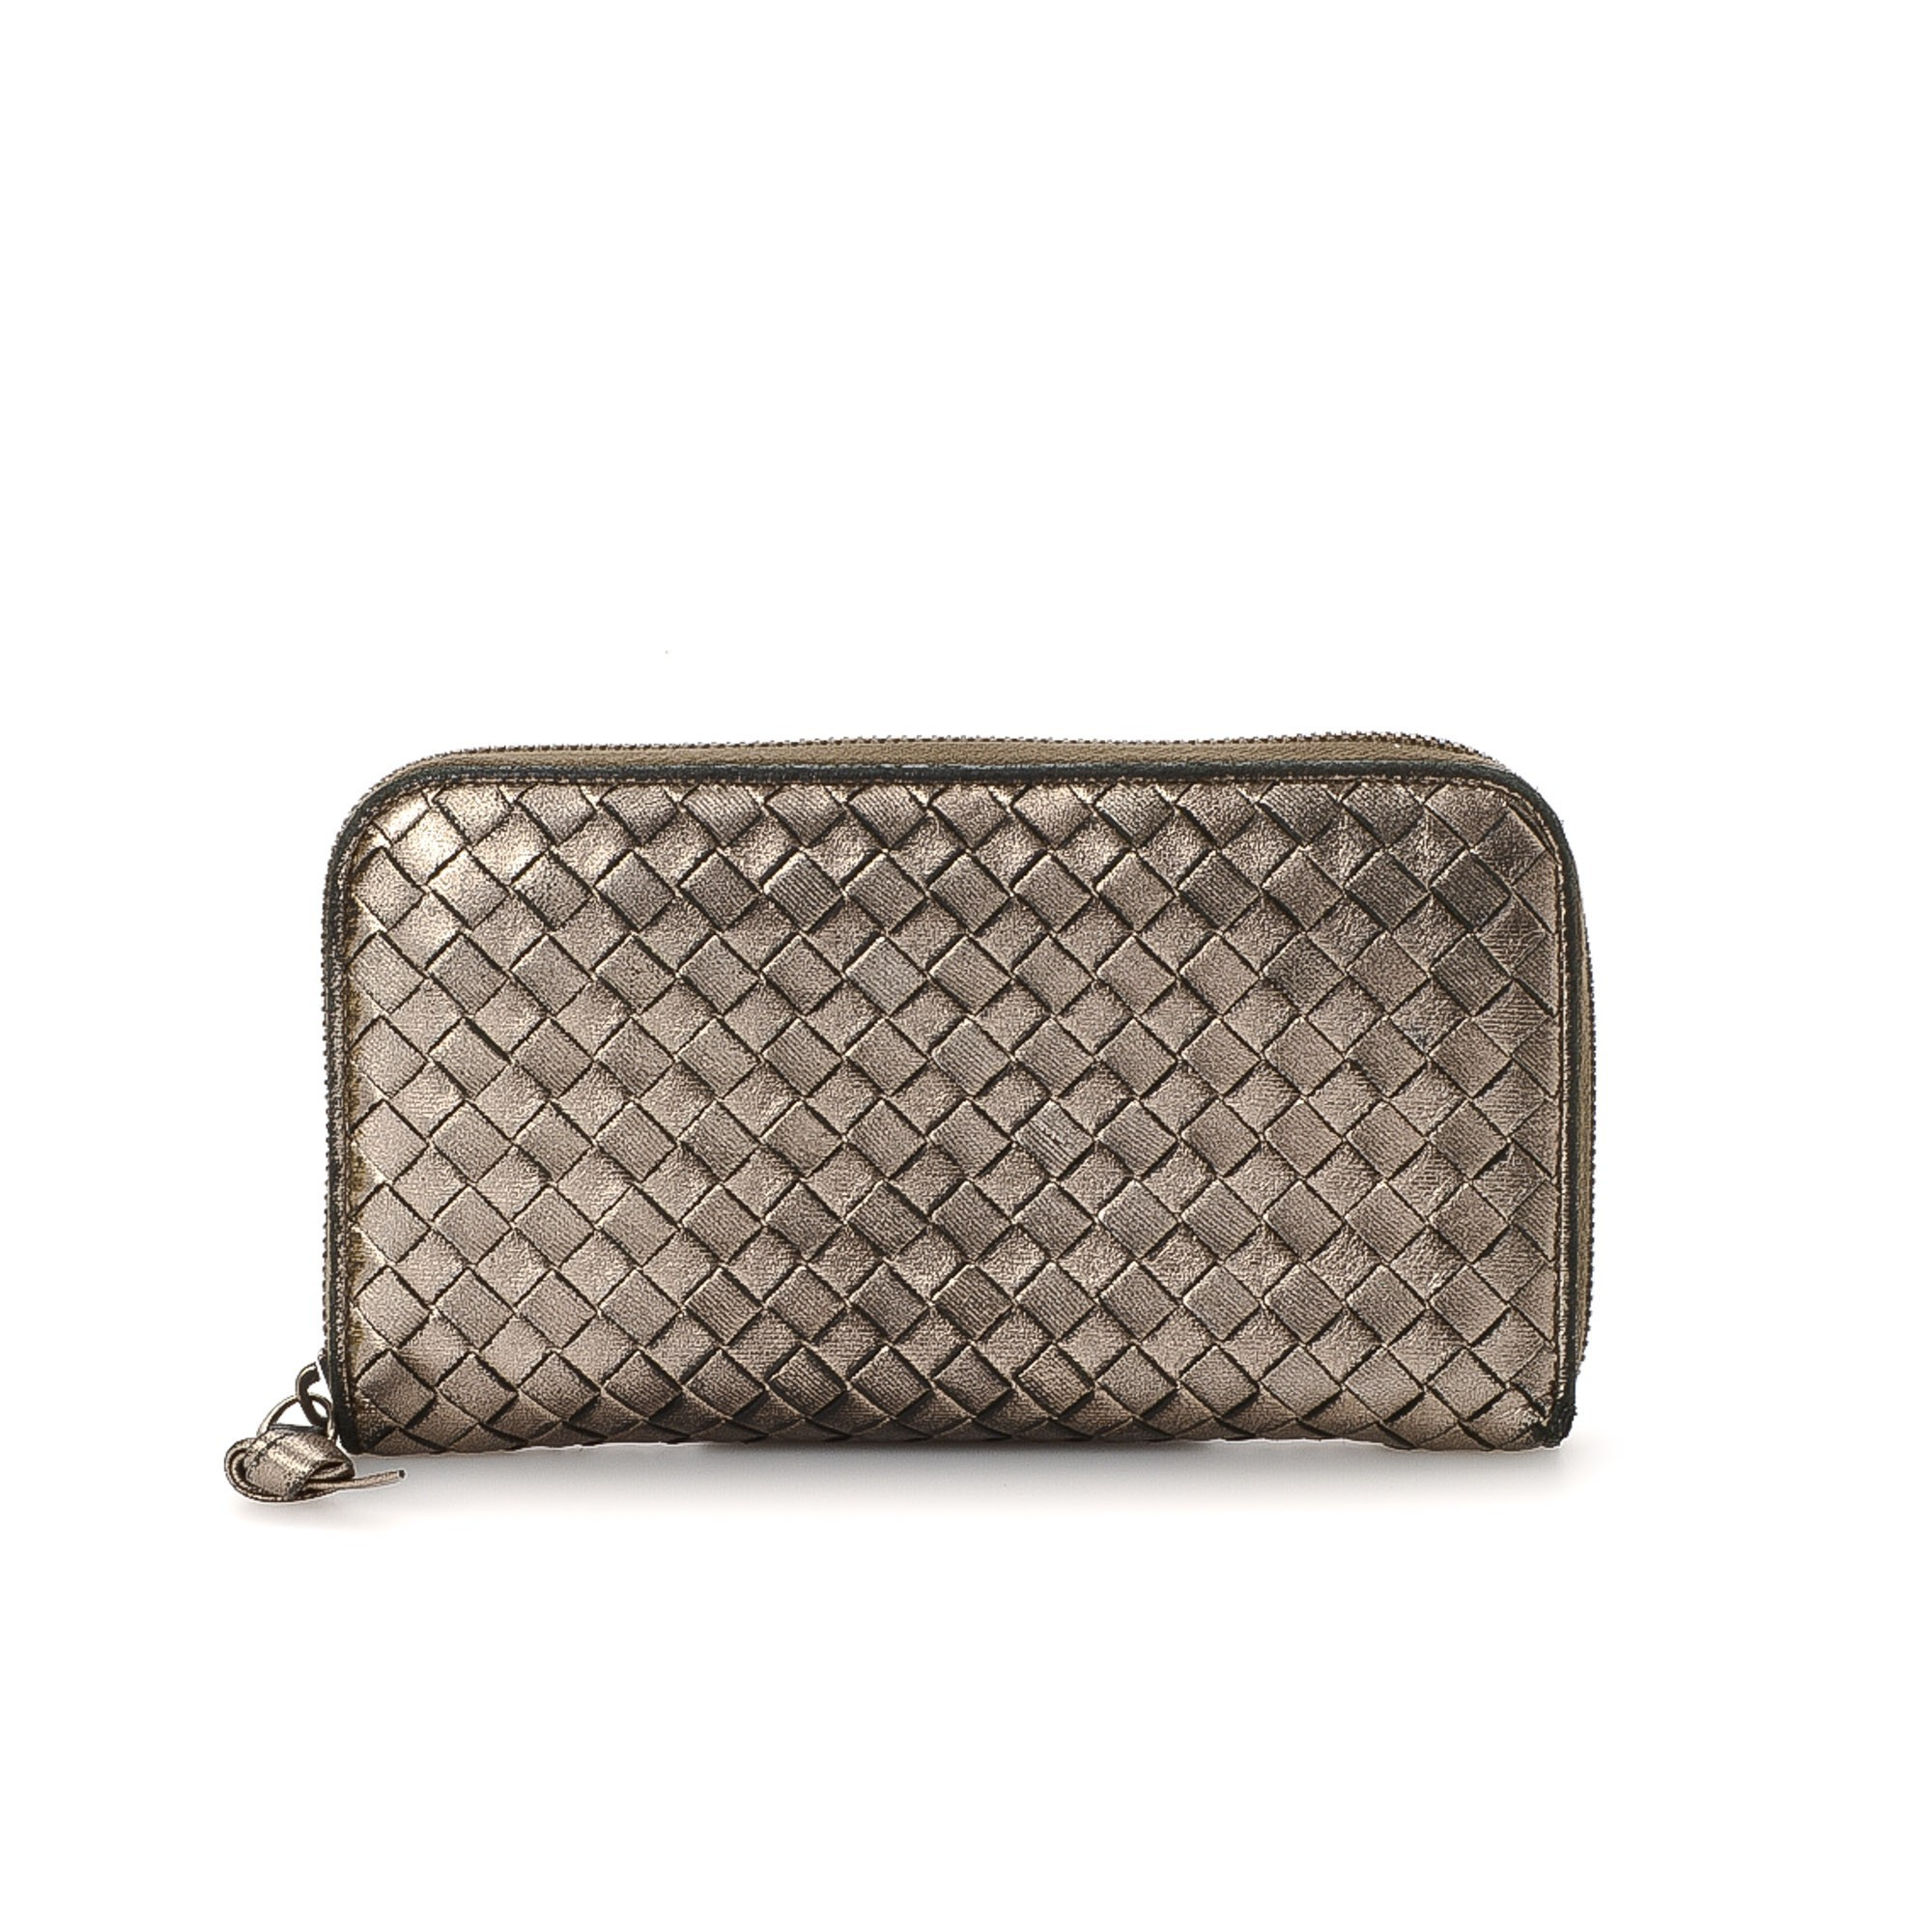 buy silver leather bottega veneta wallet at lxr co. Black Bedroom Furniture Sets. Home Design Ideas